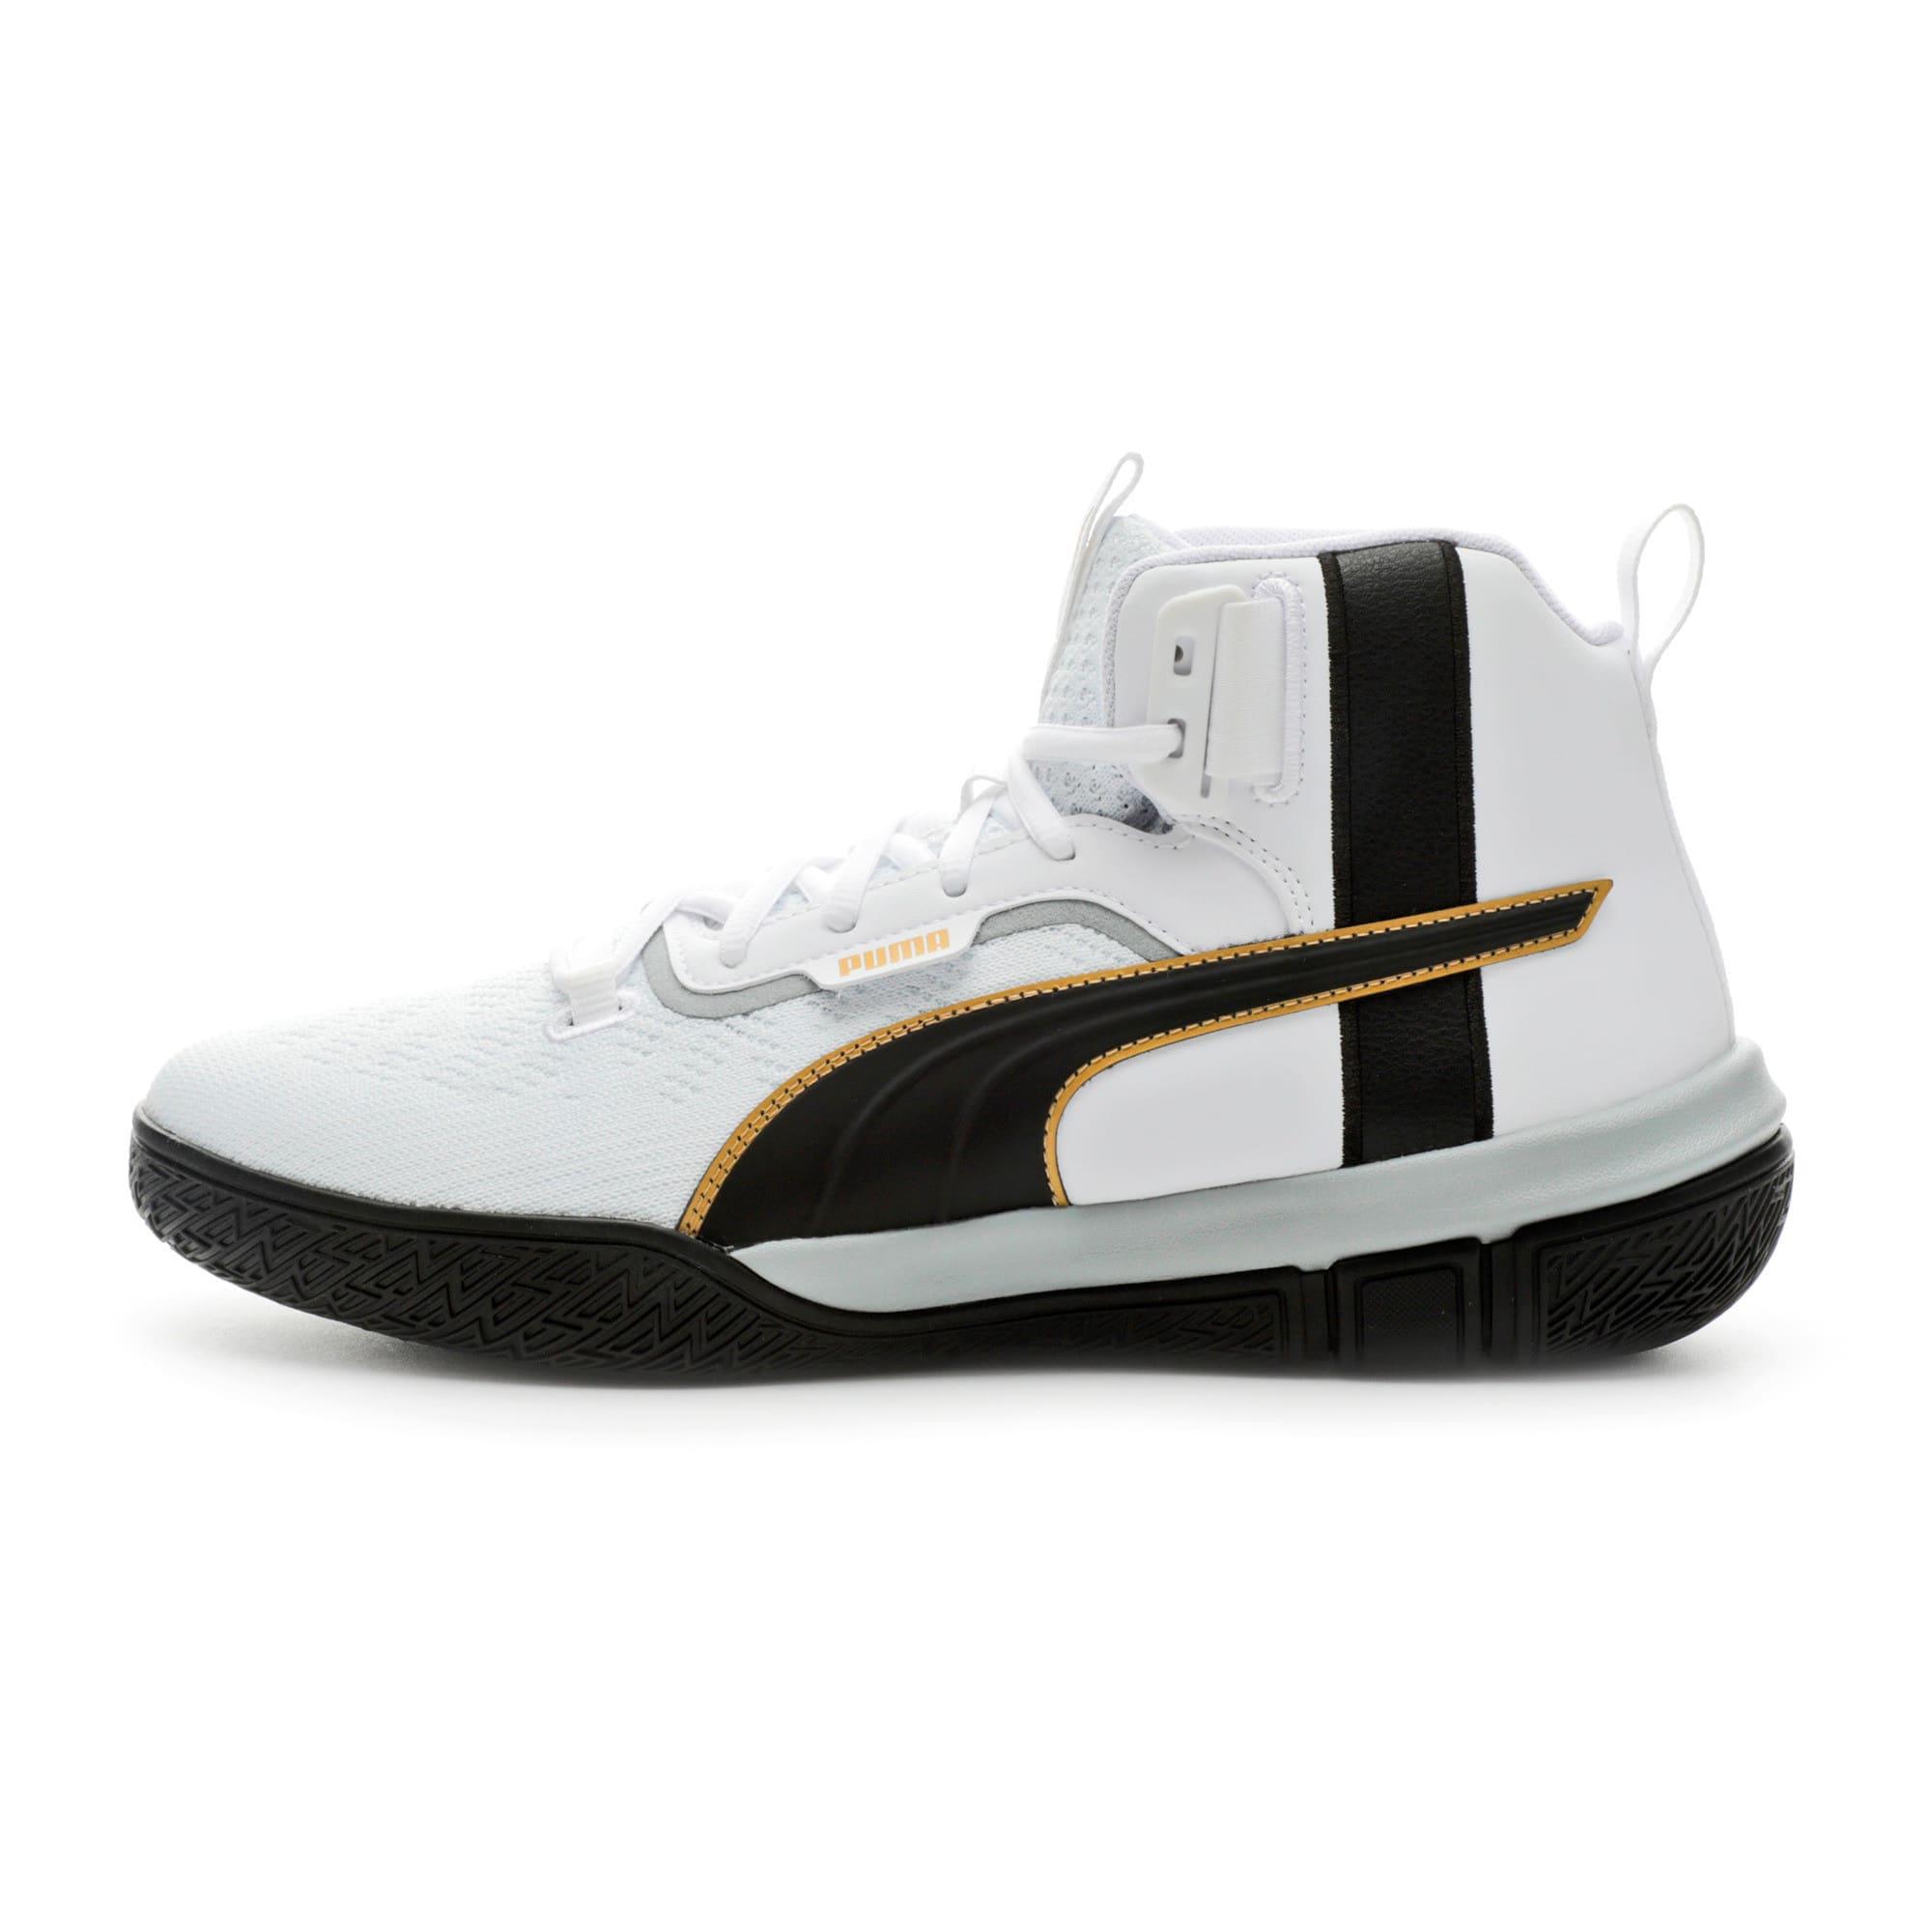 Thumbnail 1 of Legacy '68 Basketball Shoes, Puma Black-Puma White, medium